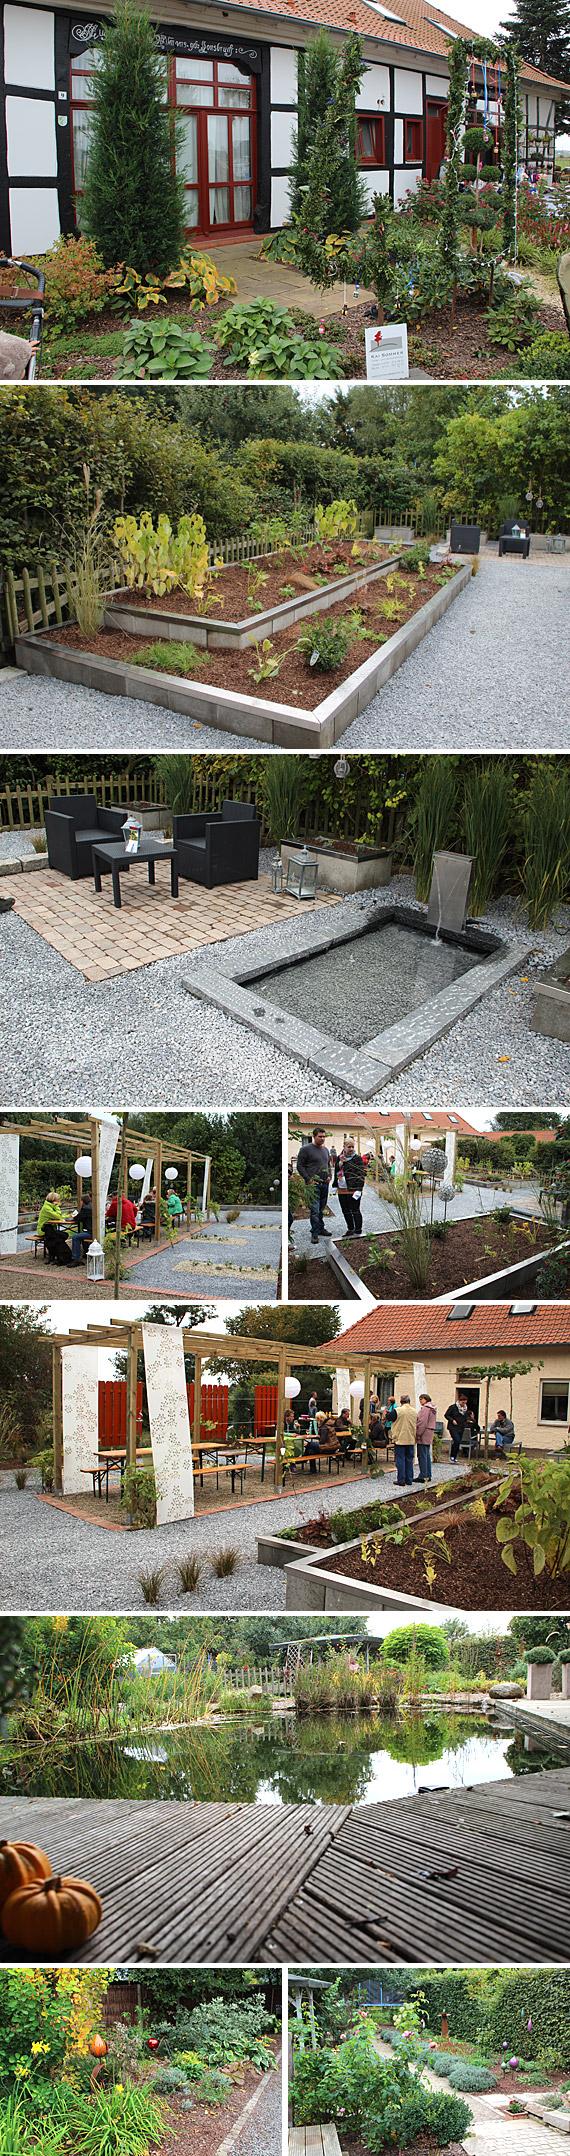 """Denn das Unternehmen """"Kai Sommer Garten- und Landschaftsbau"""" verfügt bereits über einen Fachkräftestamm mit mehreren Teams, die jeweils für spezielle Aufgaben zuständig sind."""